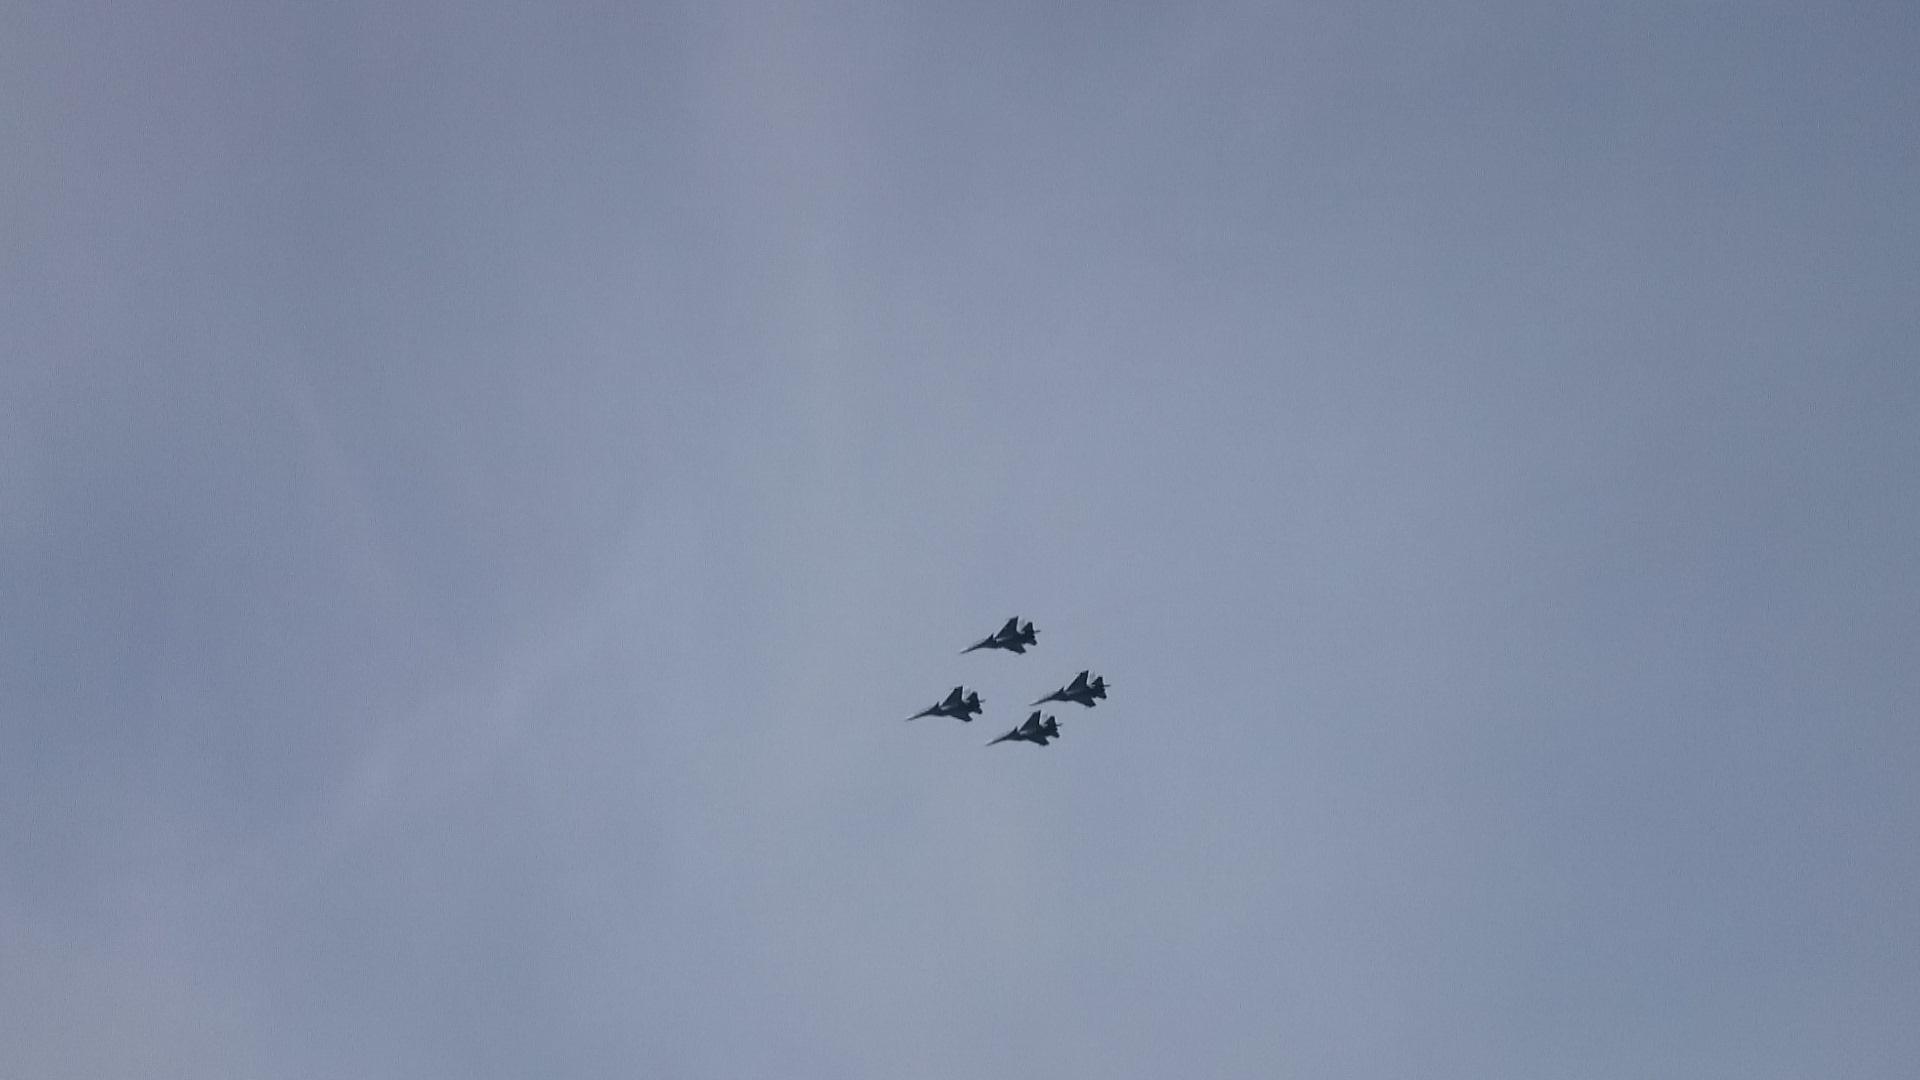 Красноярск Авиашоу над городом Четвёрка Су - 30 Высший пилотаж._25.10.2014г